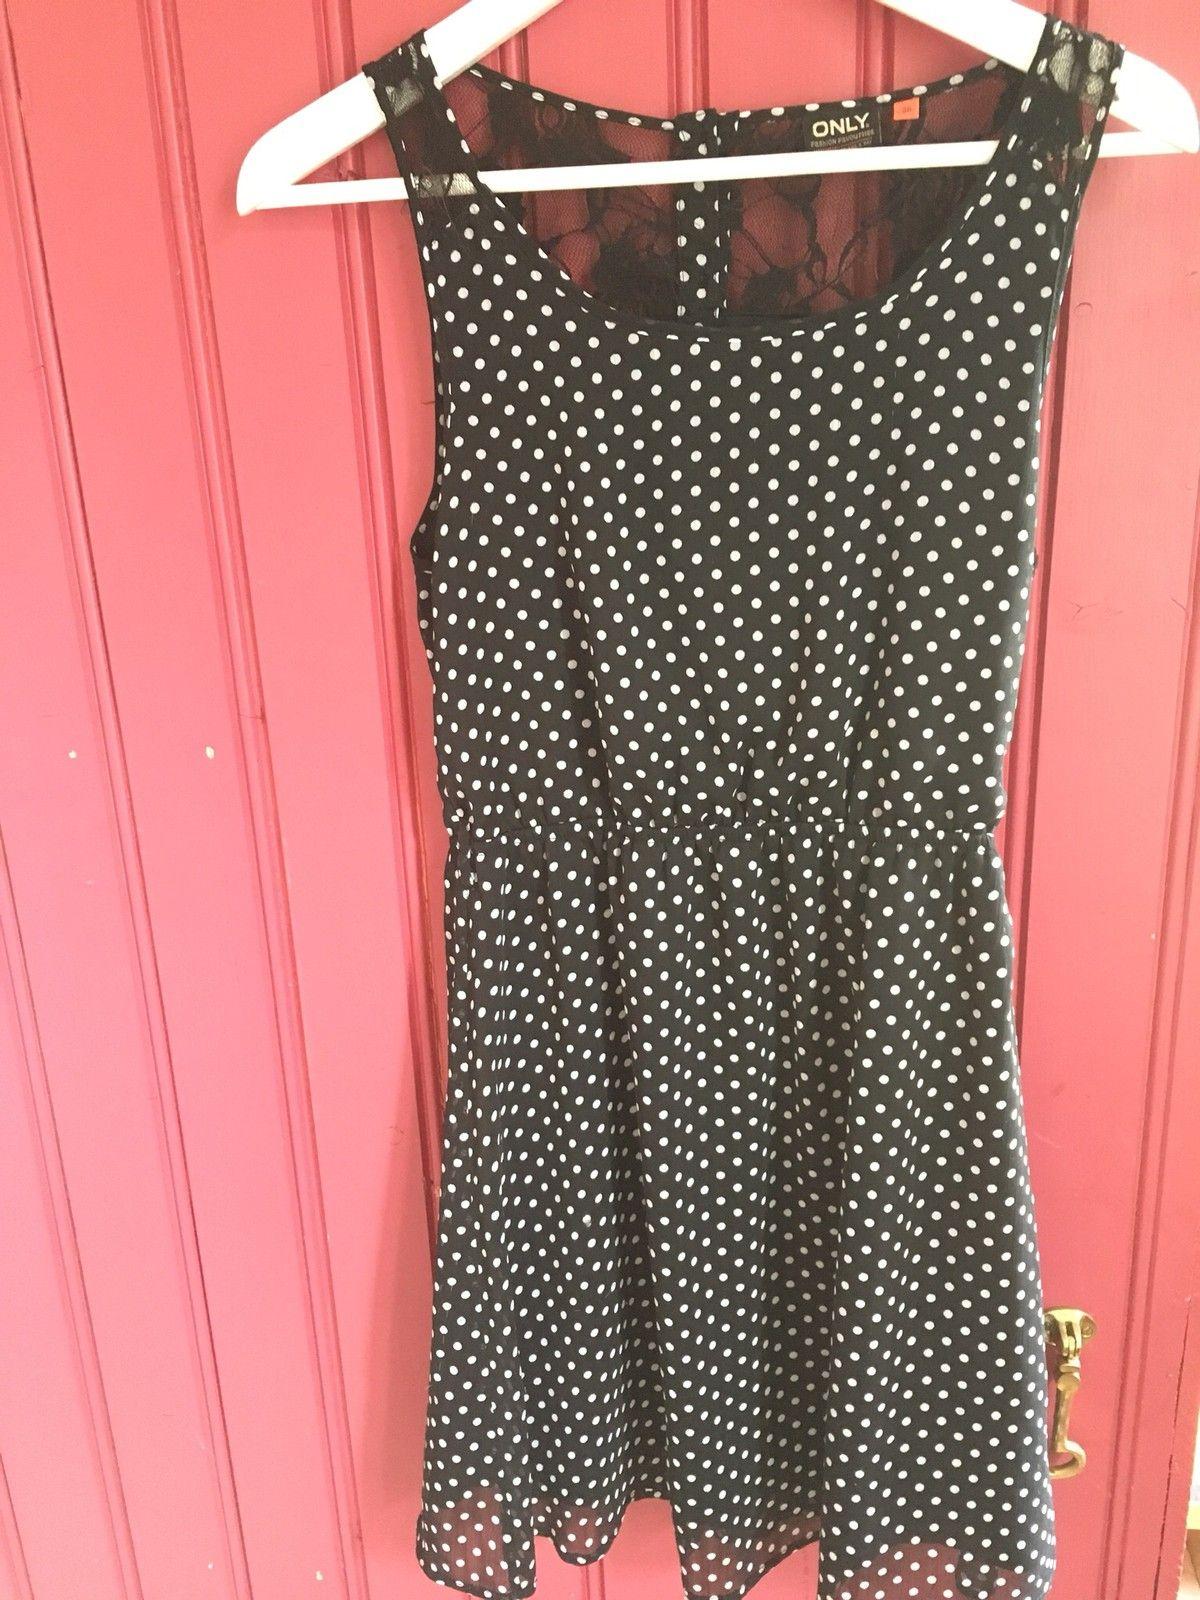 bff4f3df Klespakke ca jente. Fine kjoler og bukser | FINN.no